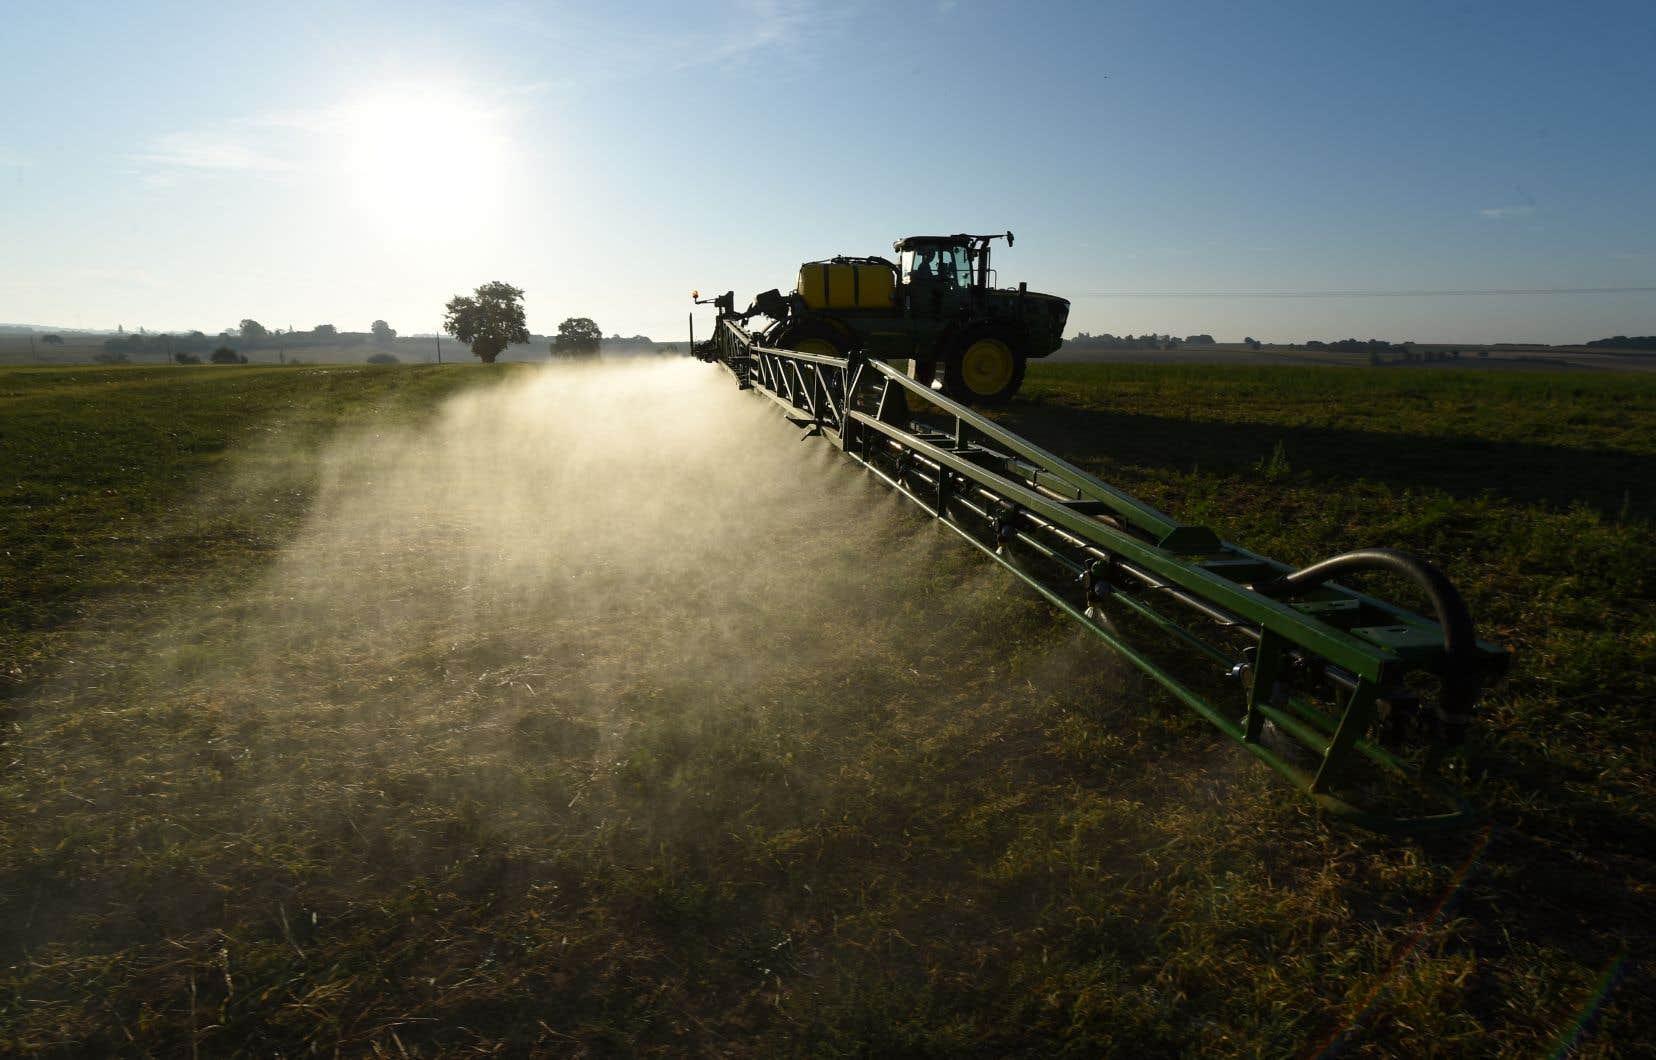 «Le glyphosate, élément actif des produits Roundup, est un herbicide éminemment contesté par des experts mondiaux, interdit dans plusieurs pays d'Europe, dont l'Italie et l'Allemagne, et de plus en plus dans des villes au Nouveau-Brunswick et au Québec», écrivent les auteurs.